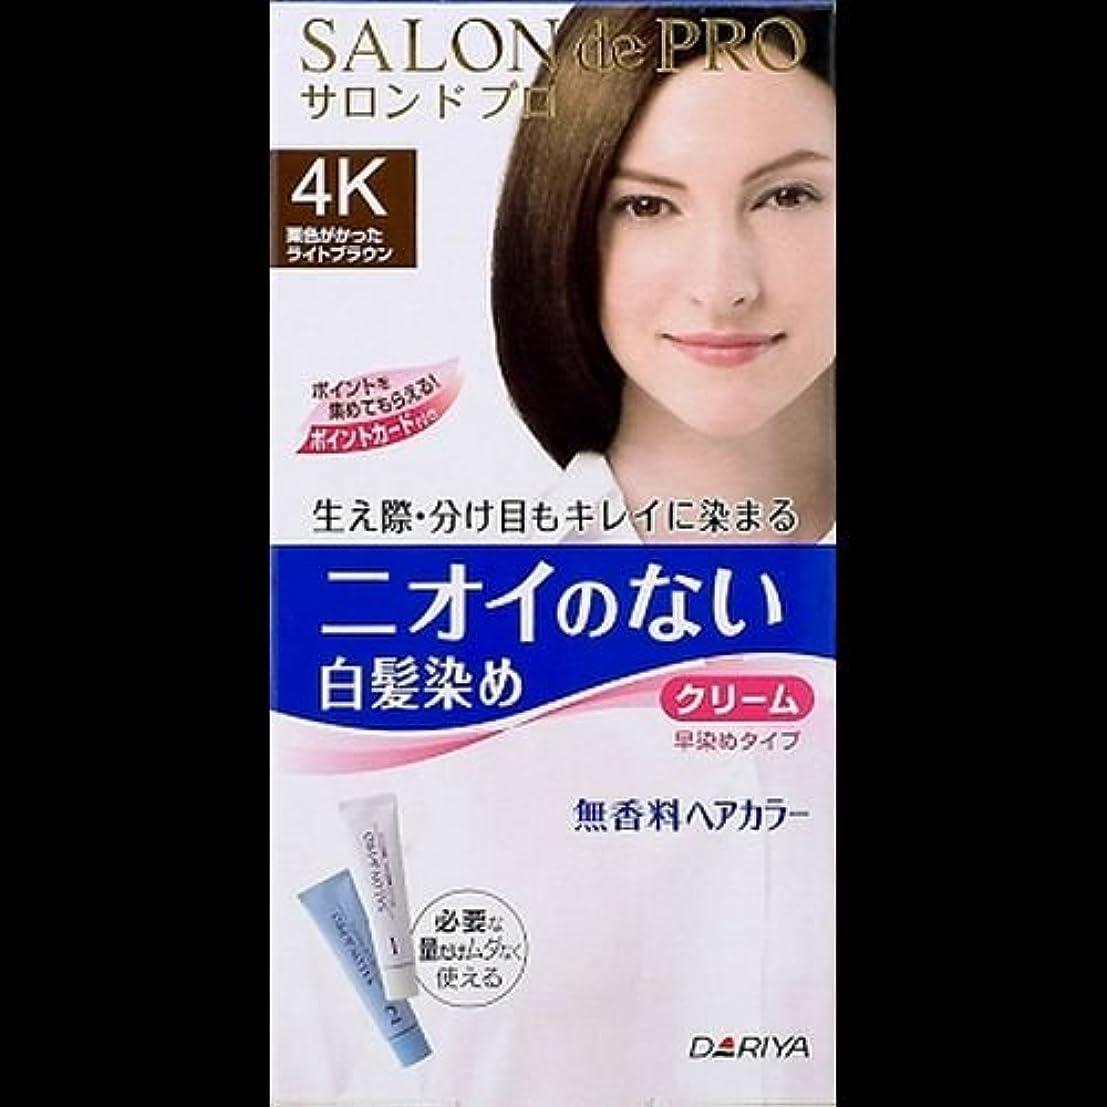 【まとめ買い】サロンドプロ 無香料ヘアカラー早染めクリーム4K 40g+40g ×2セット